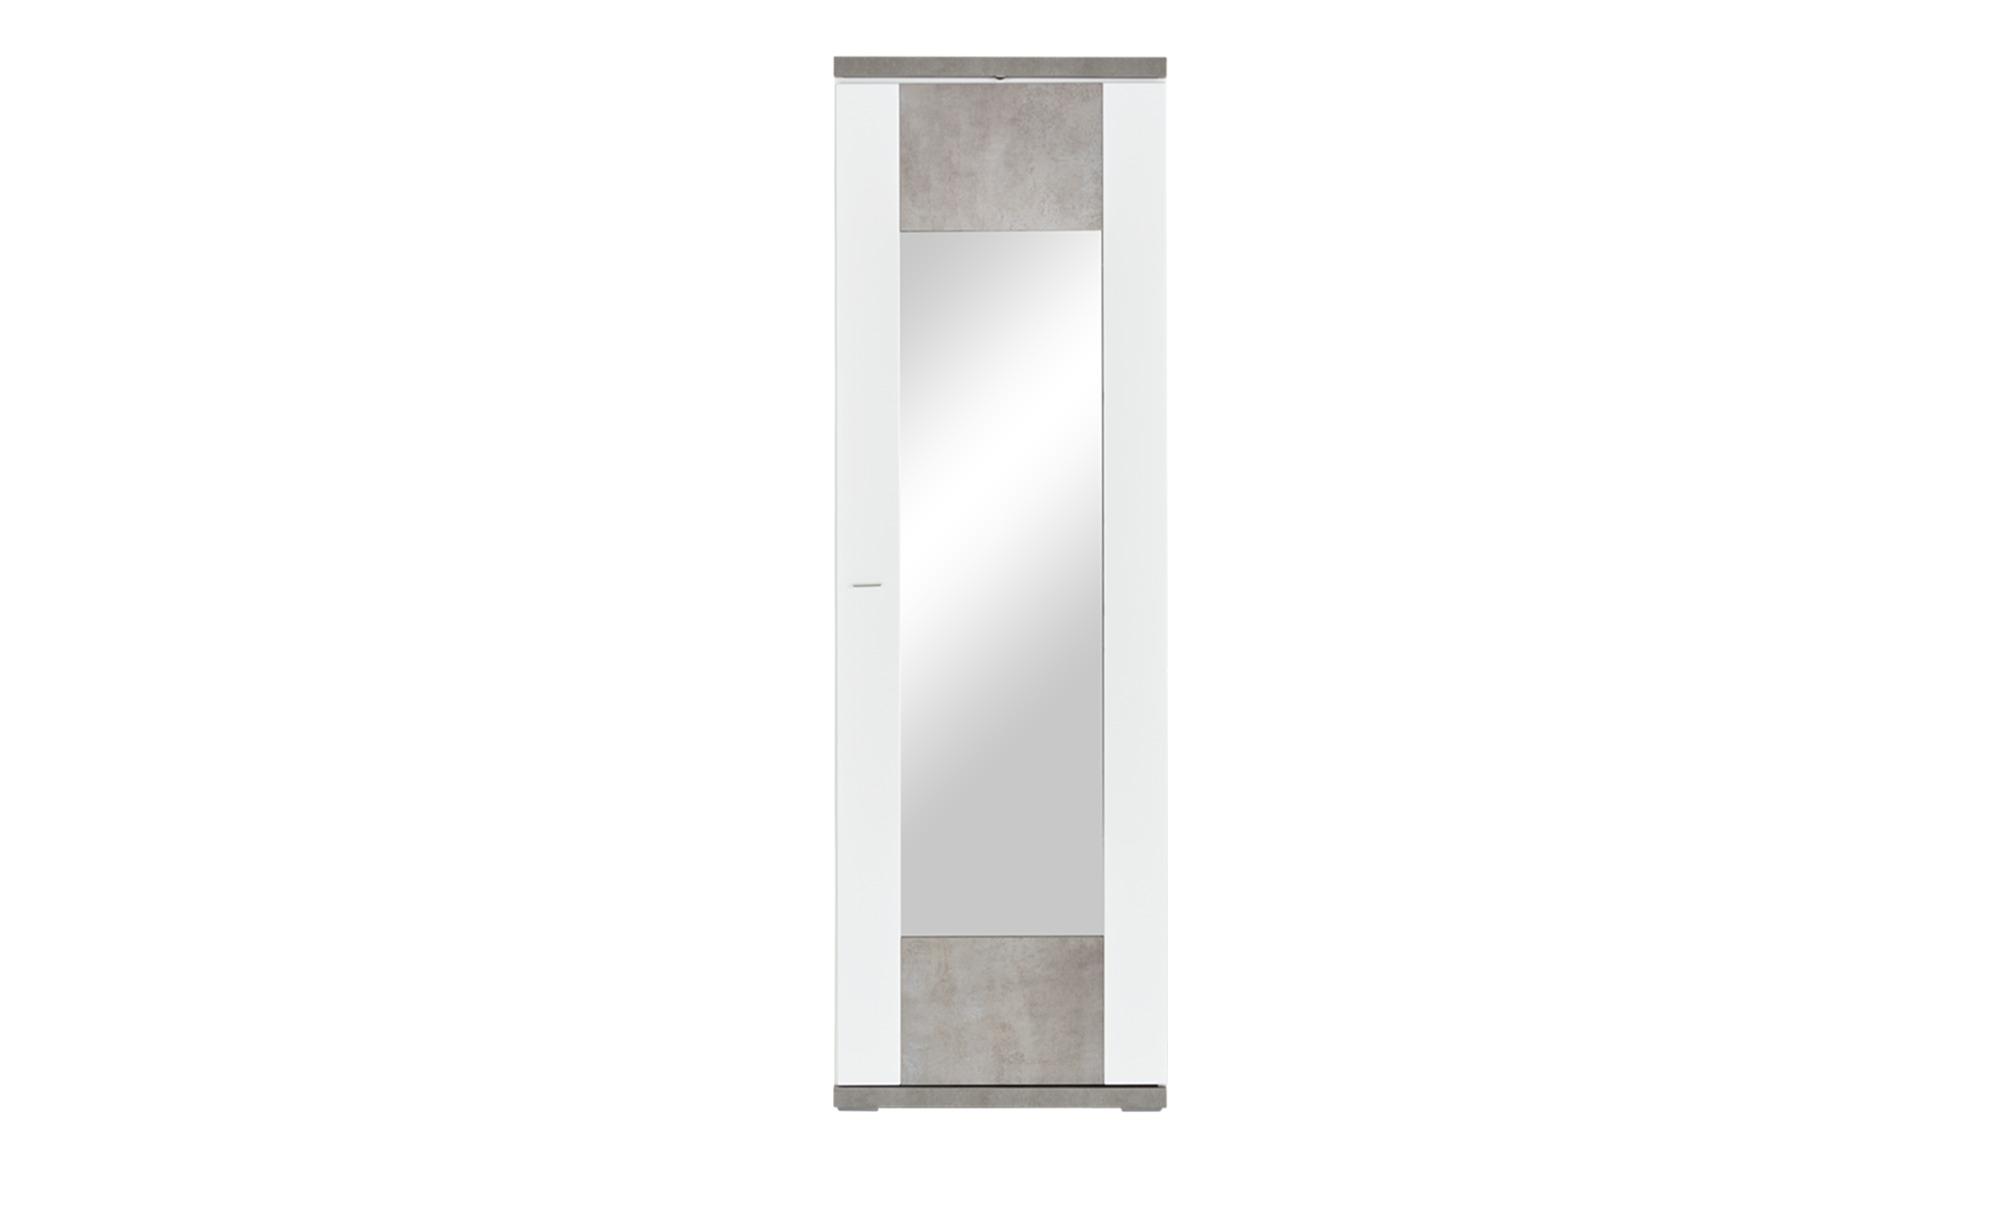 Dielenschrank - weiß - 65 cm - 207 cm - 42 cm - Schränke > Dielenschränke - Möbel Kraft | Flur & Diele > Mehrzweckschränke | Sconto